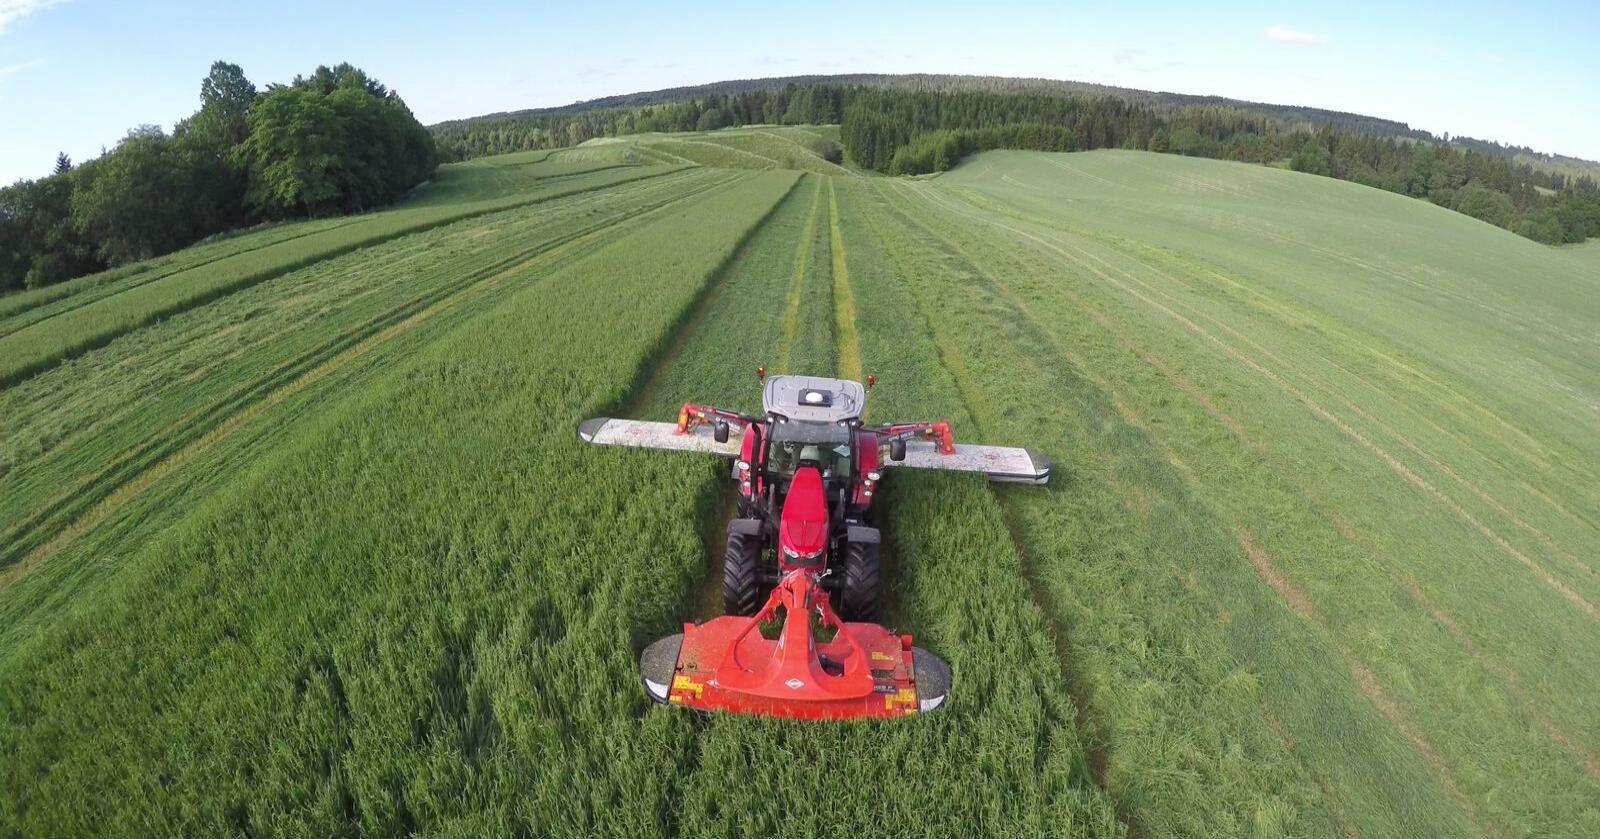 Hva koster det å få grasslåtten utført med en ni meters slåmaskin? Svaret finner du i vår prisliste. Arkivfoto: Norsk Landbruk